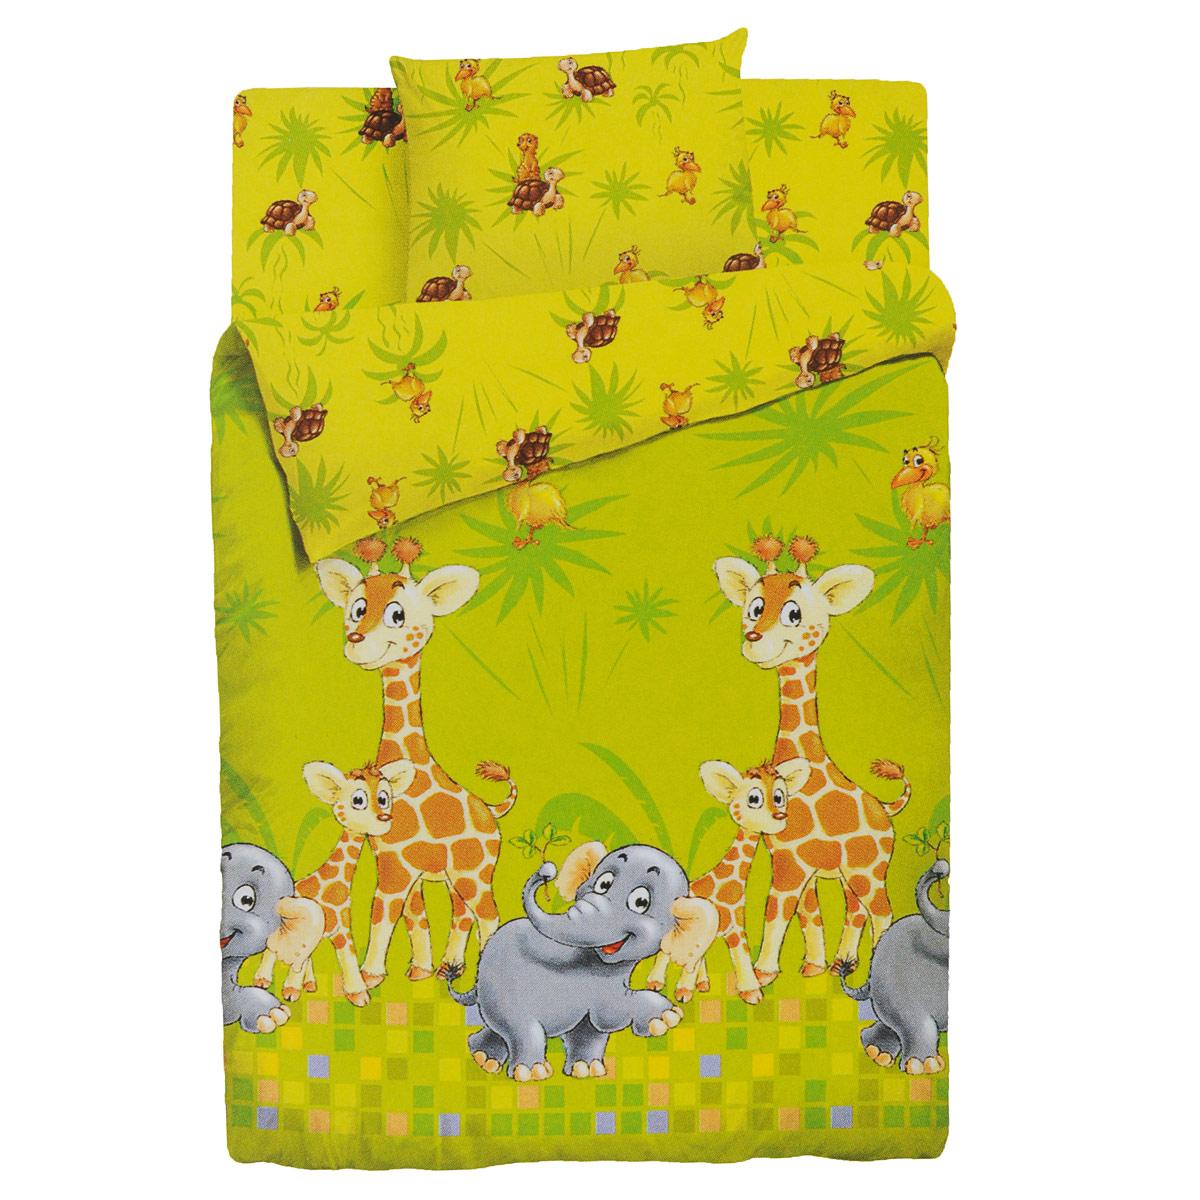 Комплект детского постельного белья Облачко Джунгли, цвет: желтый, 3 предмета. 4600001784709 детский комплект постельного белья облачко влюбленный медвежонок